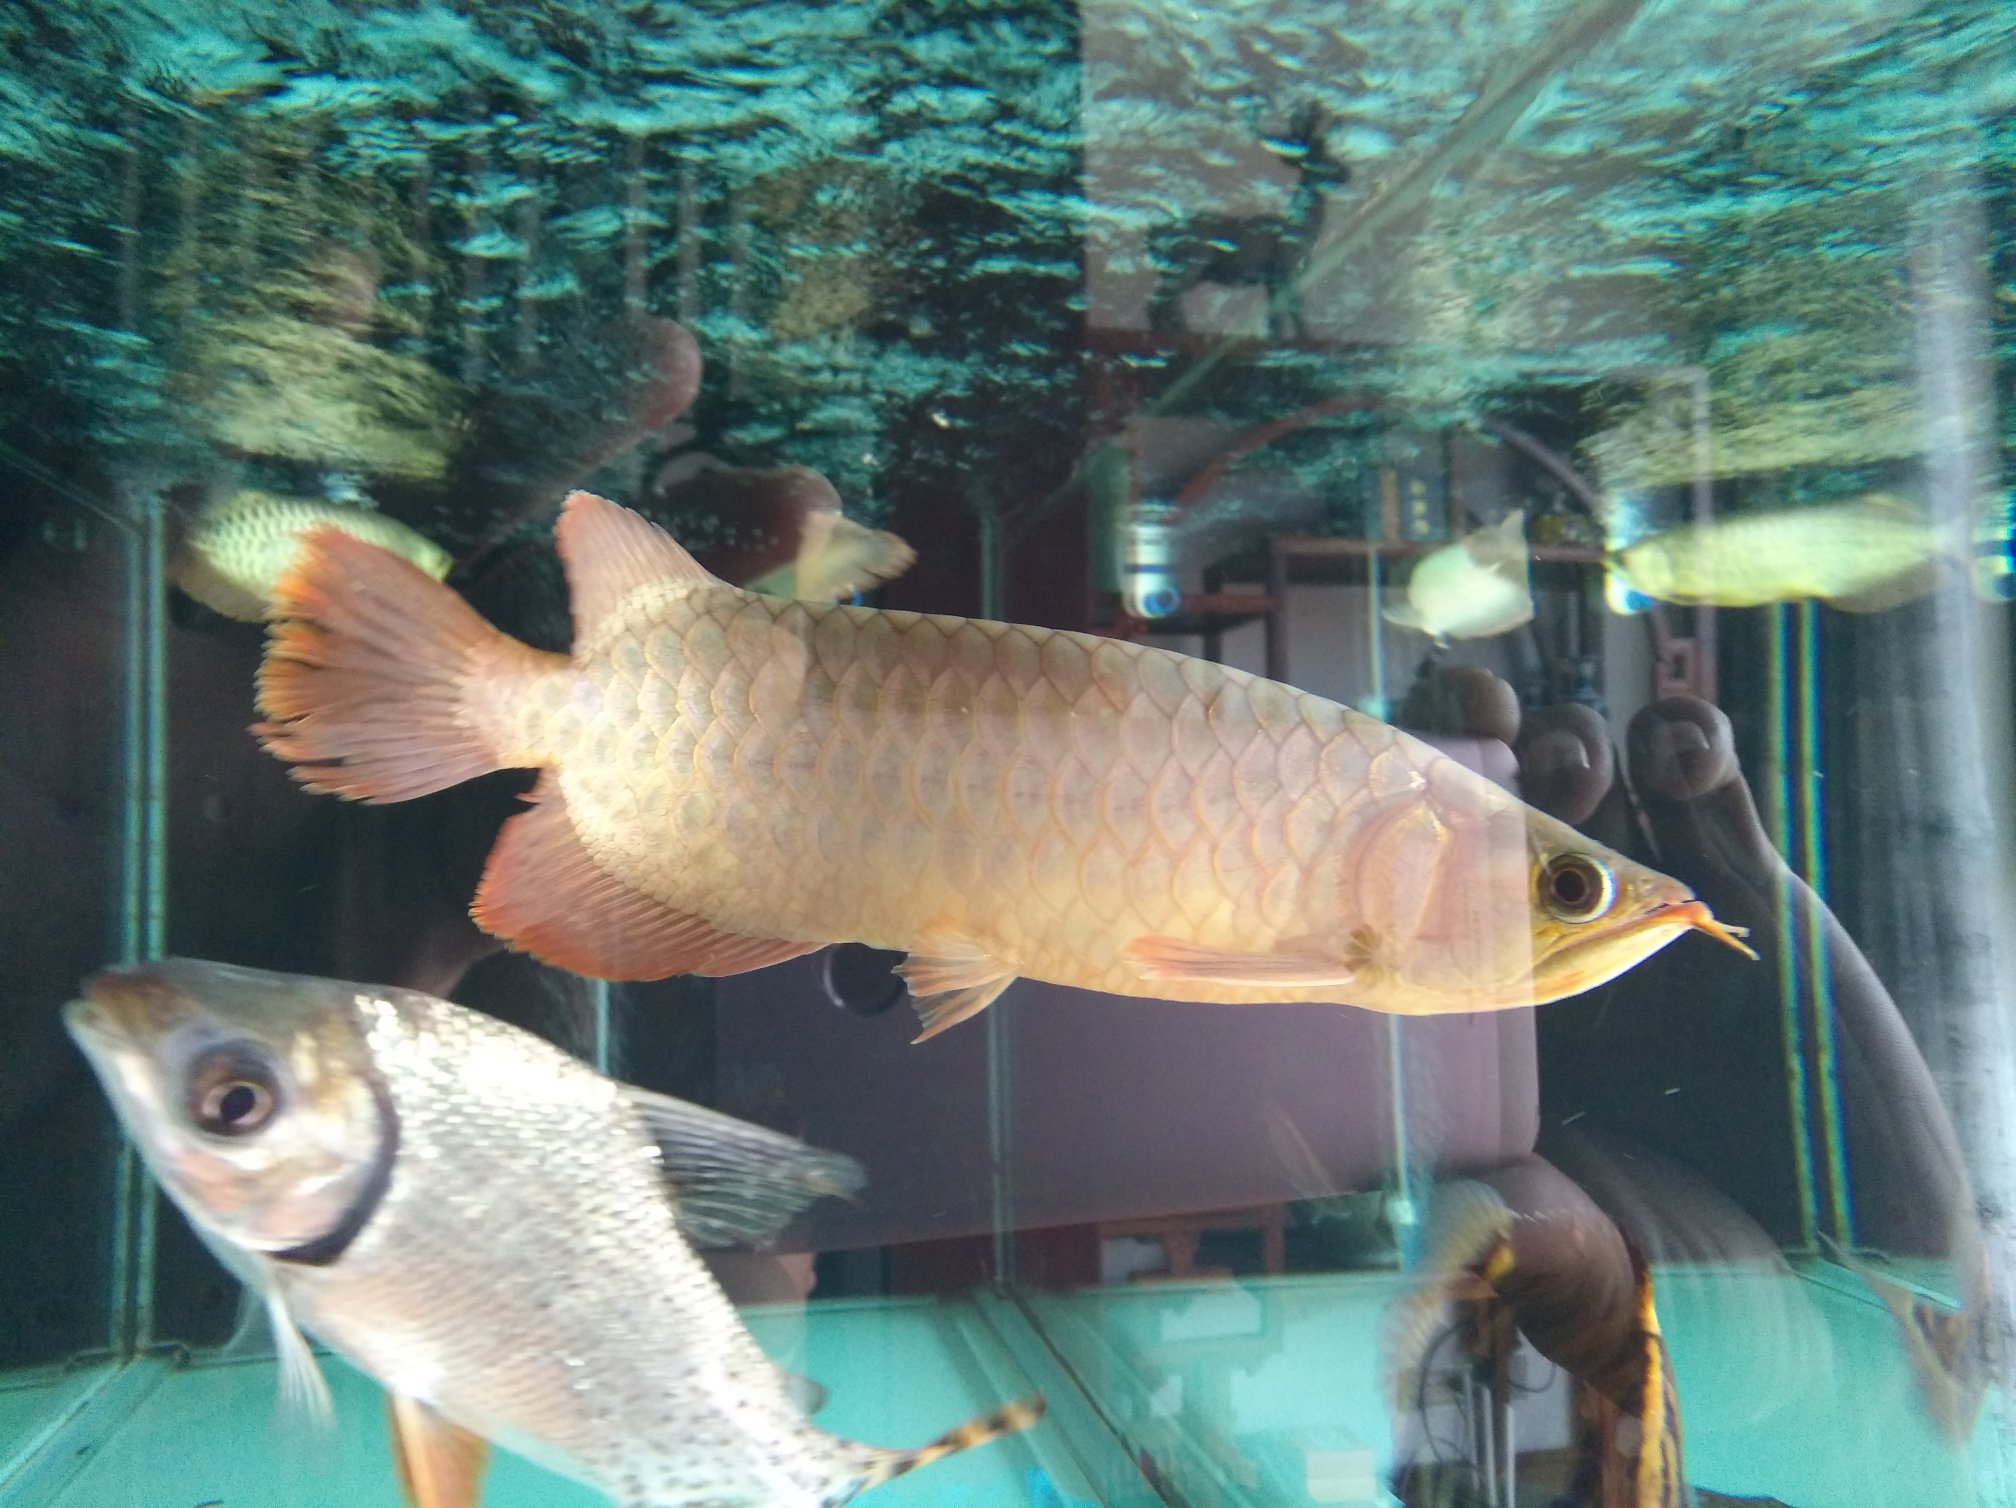 【西安黑桃A鱼】自然光透缸努力发色中 西安观赏鱼信息 西安博特第1张